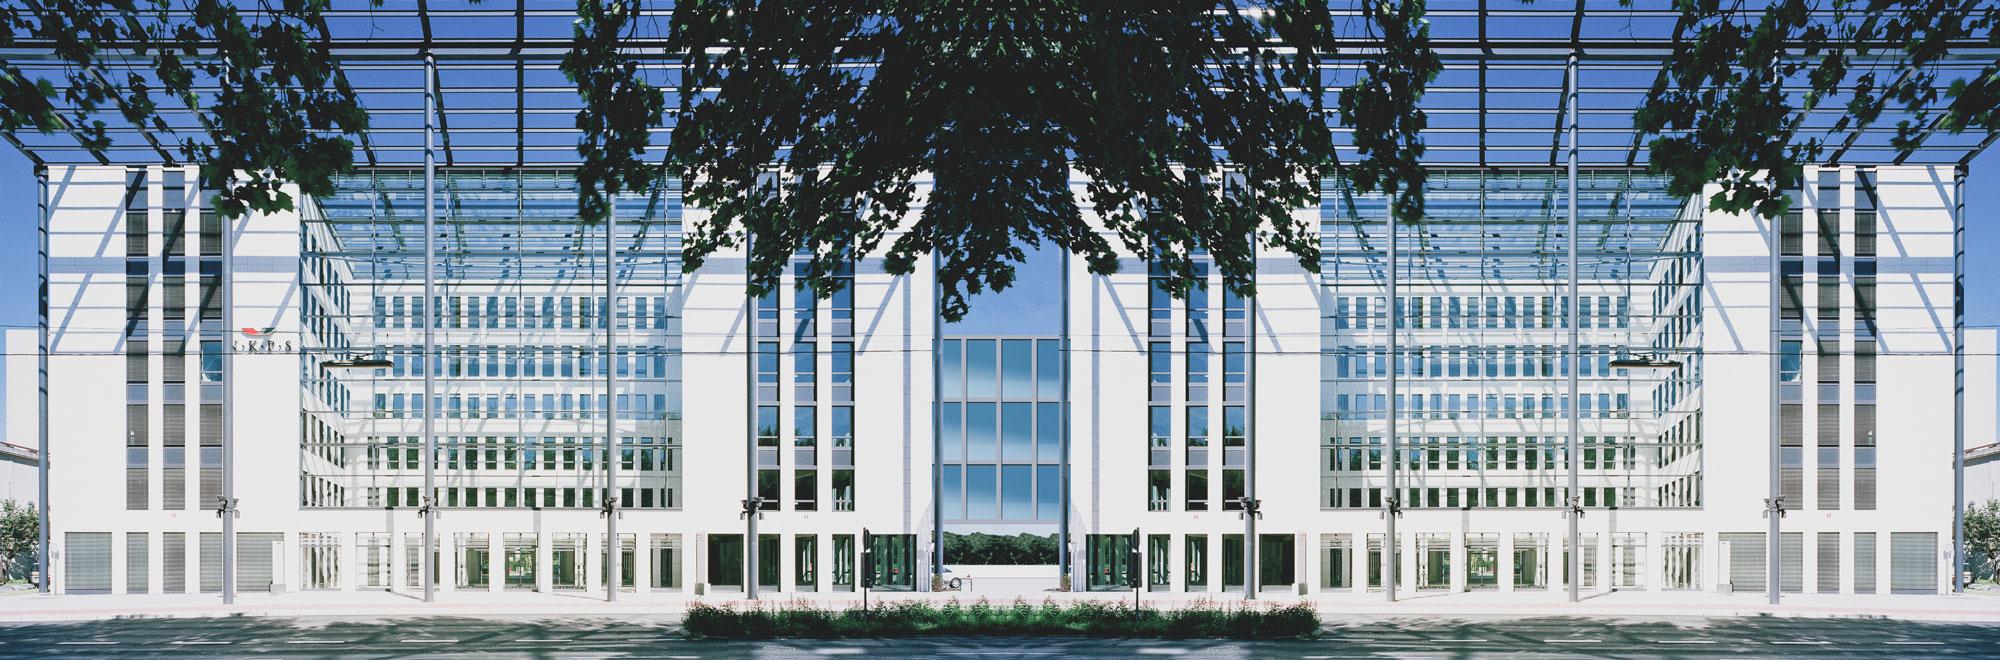 Visualisierung_office_Park_rheinlanddamm_Dortmund